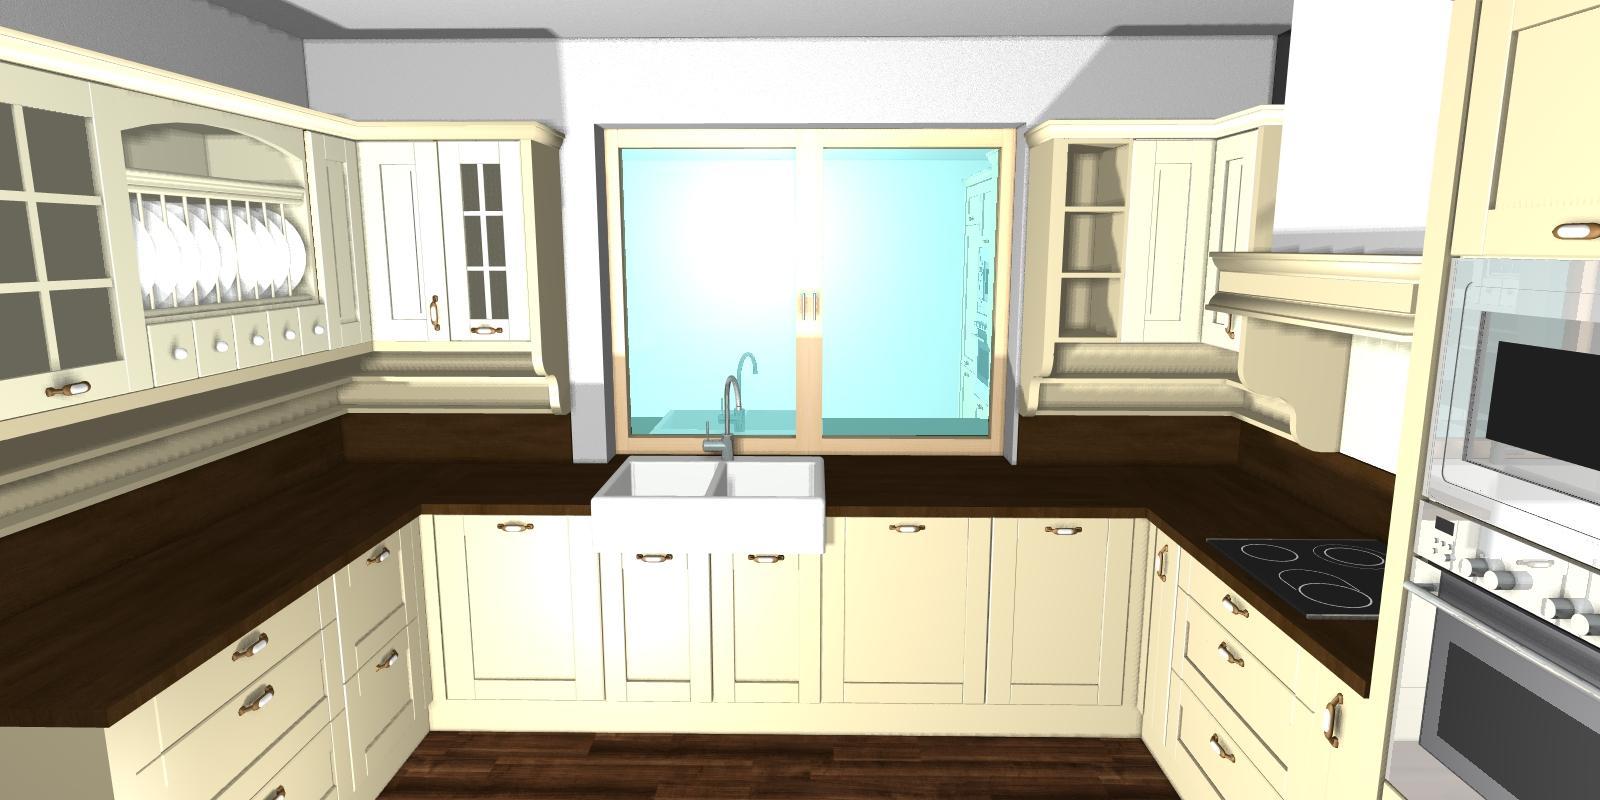 U nás doma  🏠 🌼 🌞👫👭👶 - Vizualizacia našej kuchyne :-)